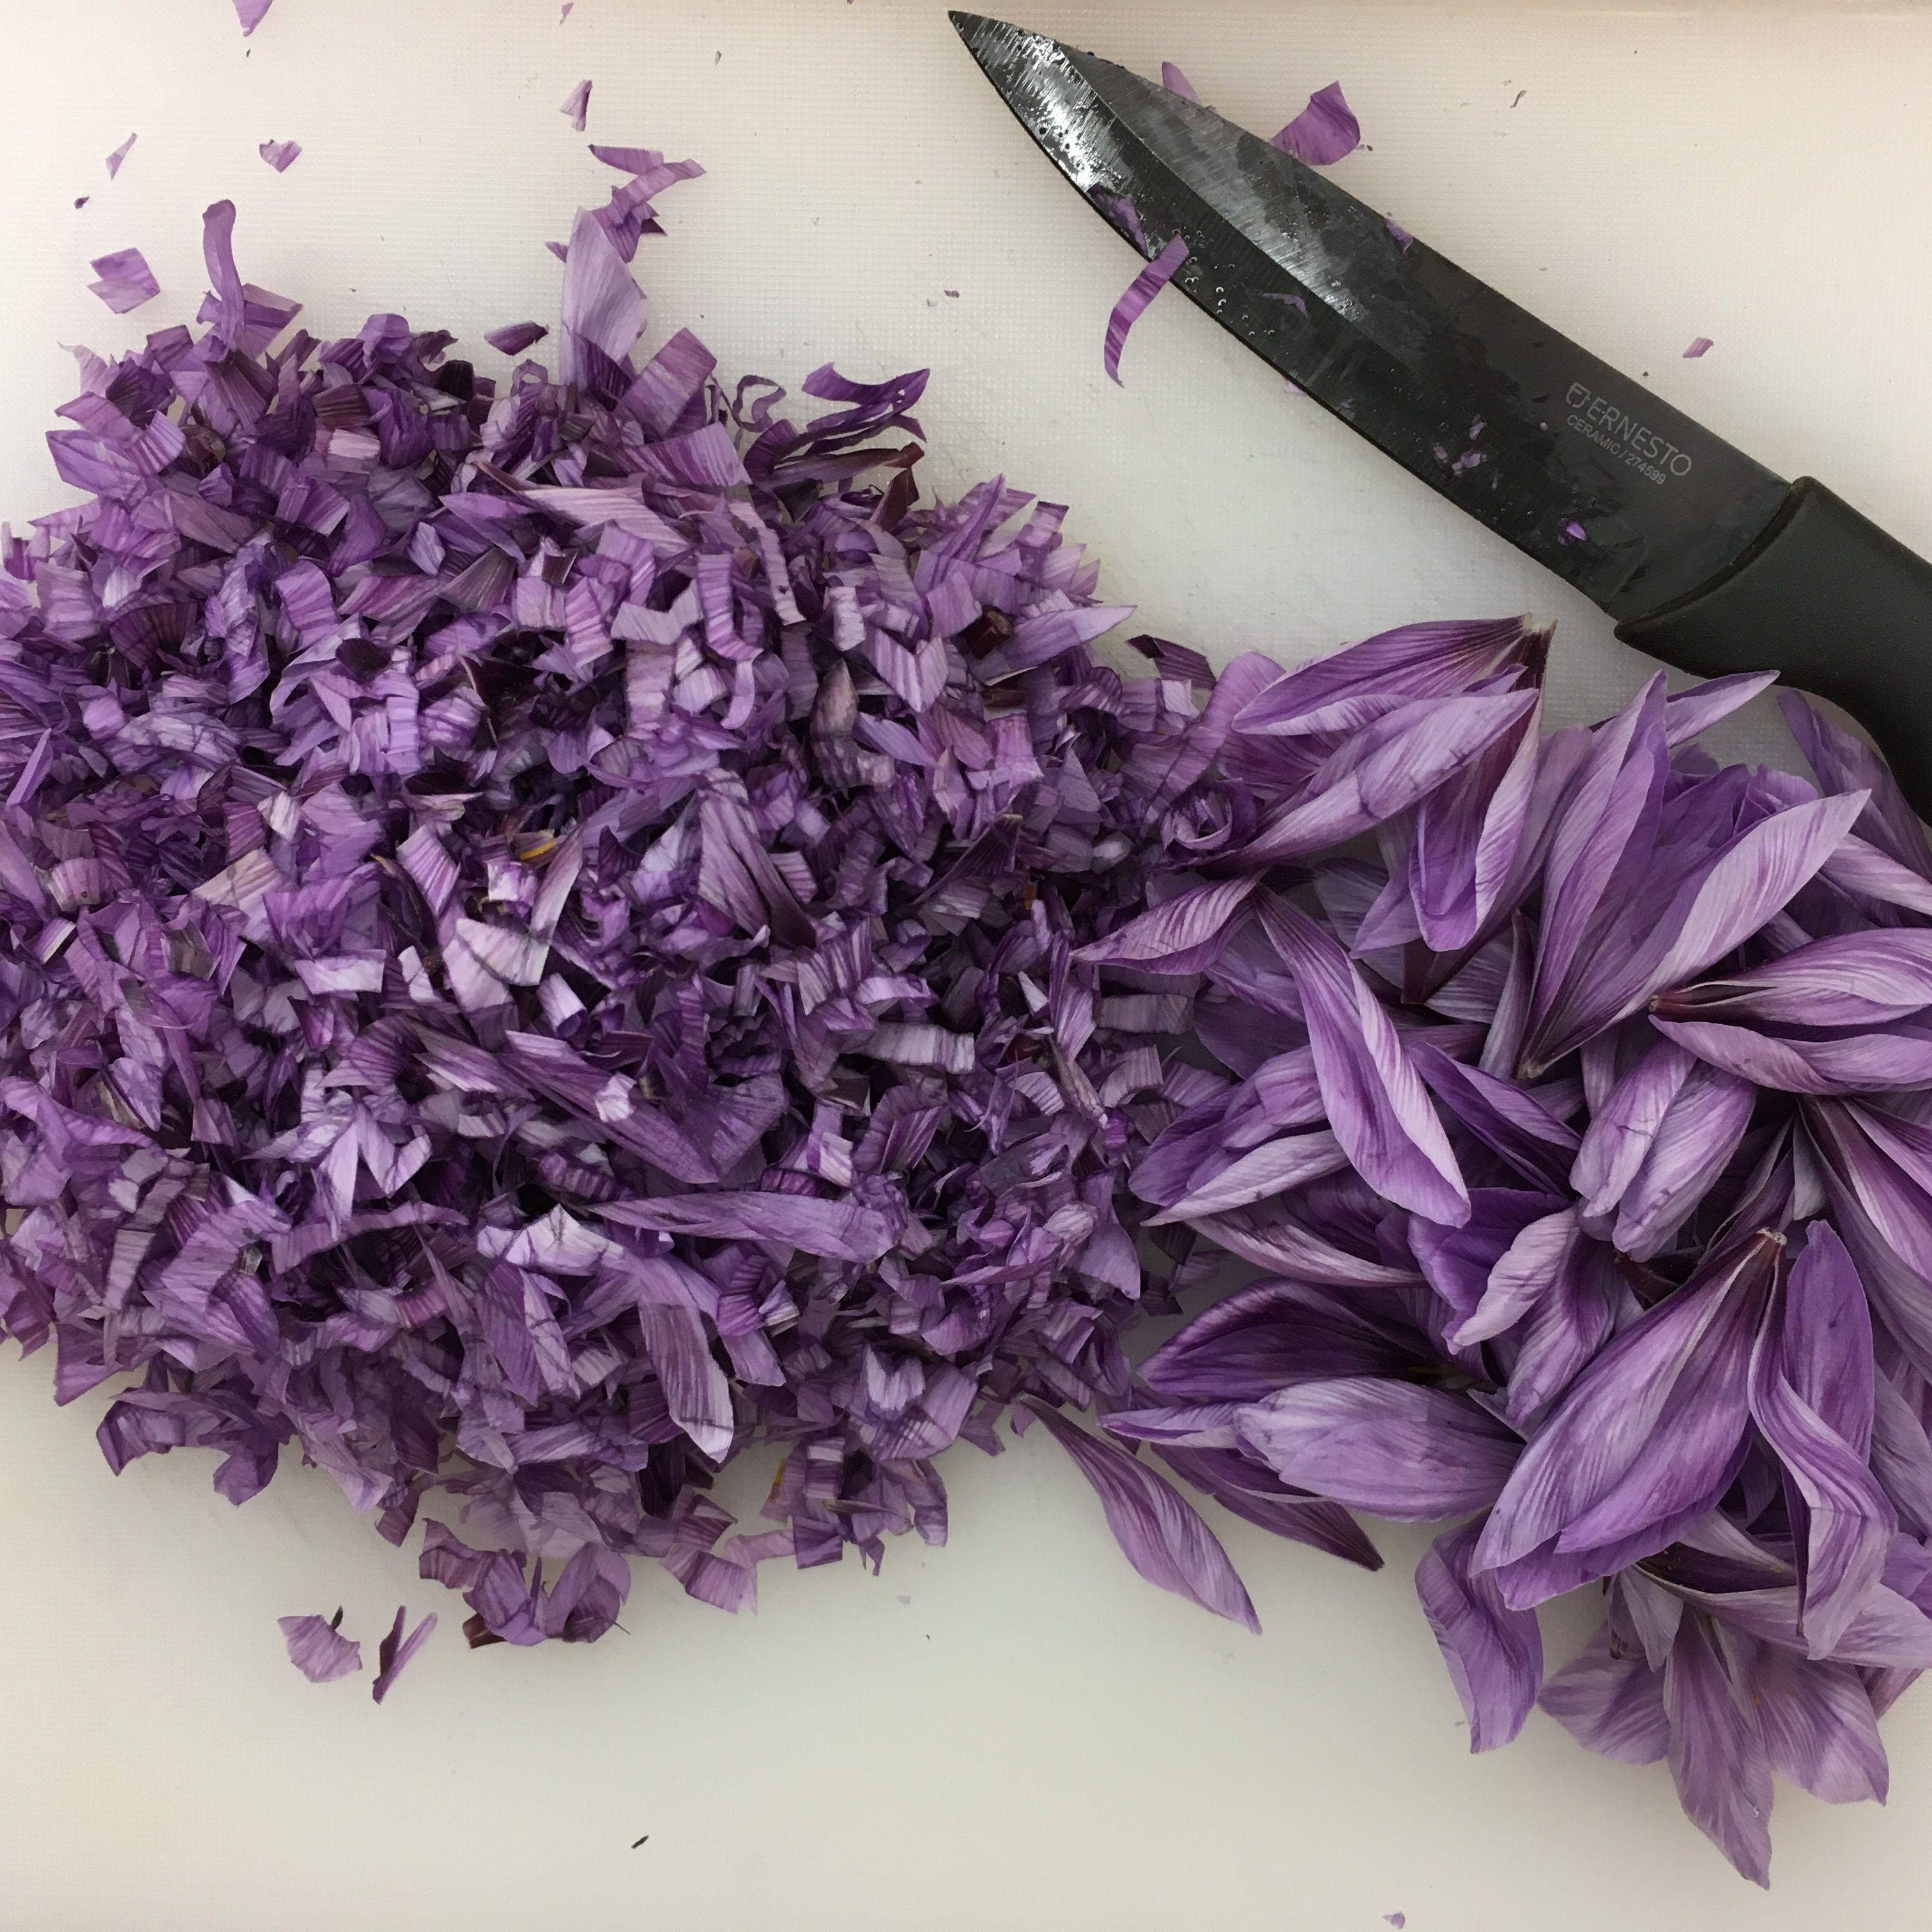 preparazione fiori di zafferano